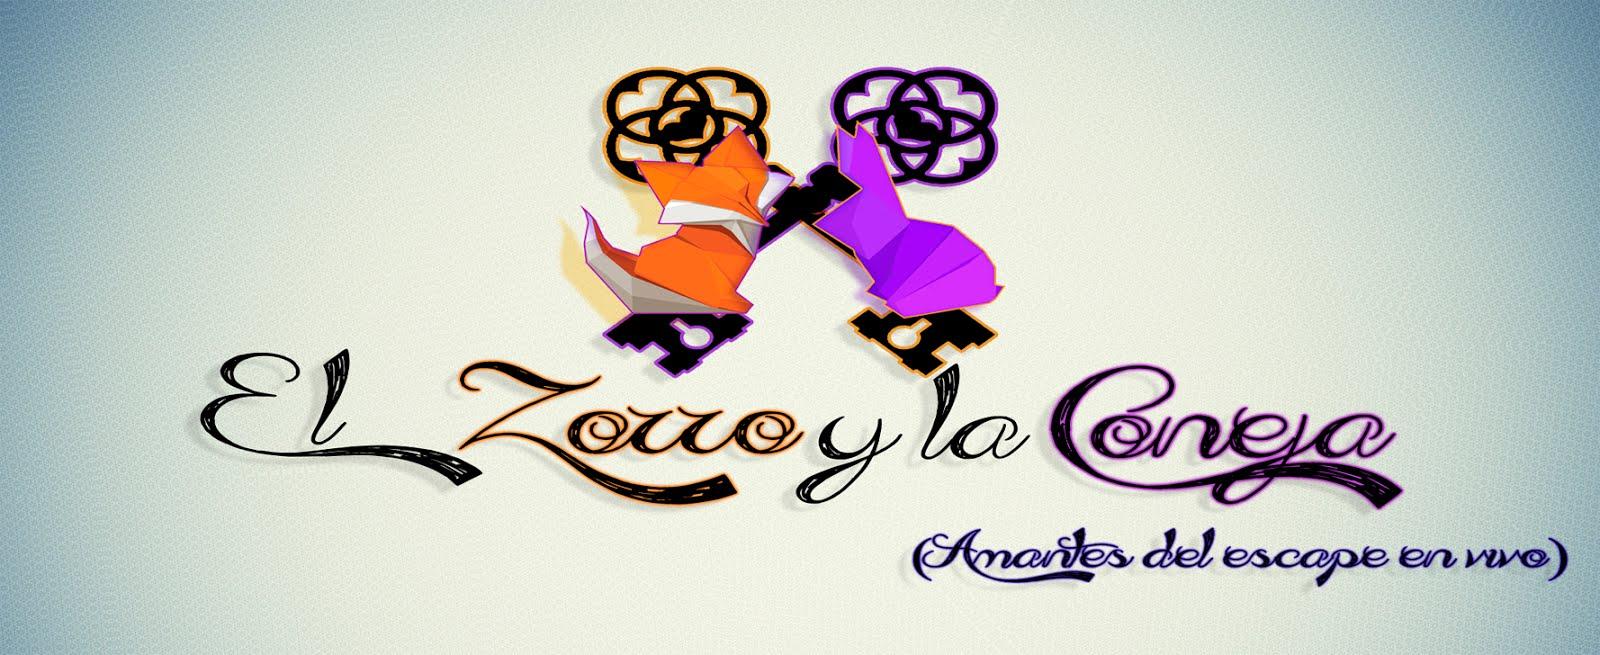 El Zorro y la Coneja